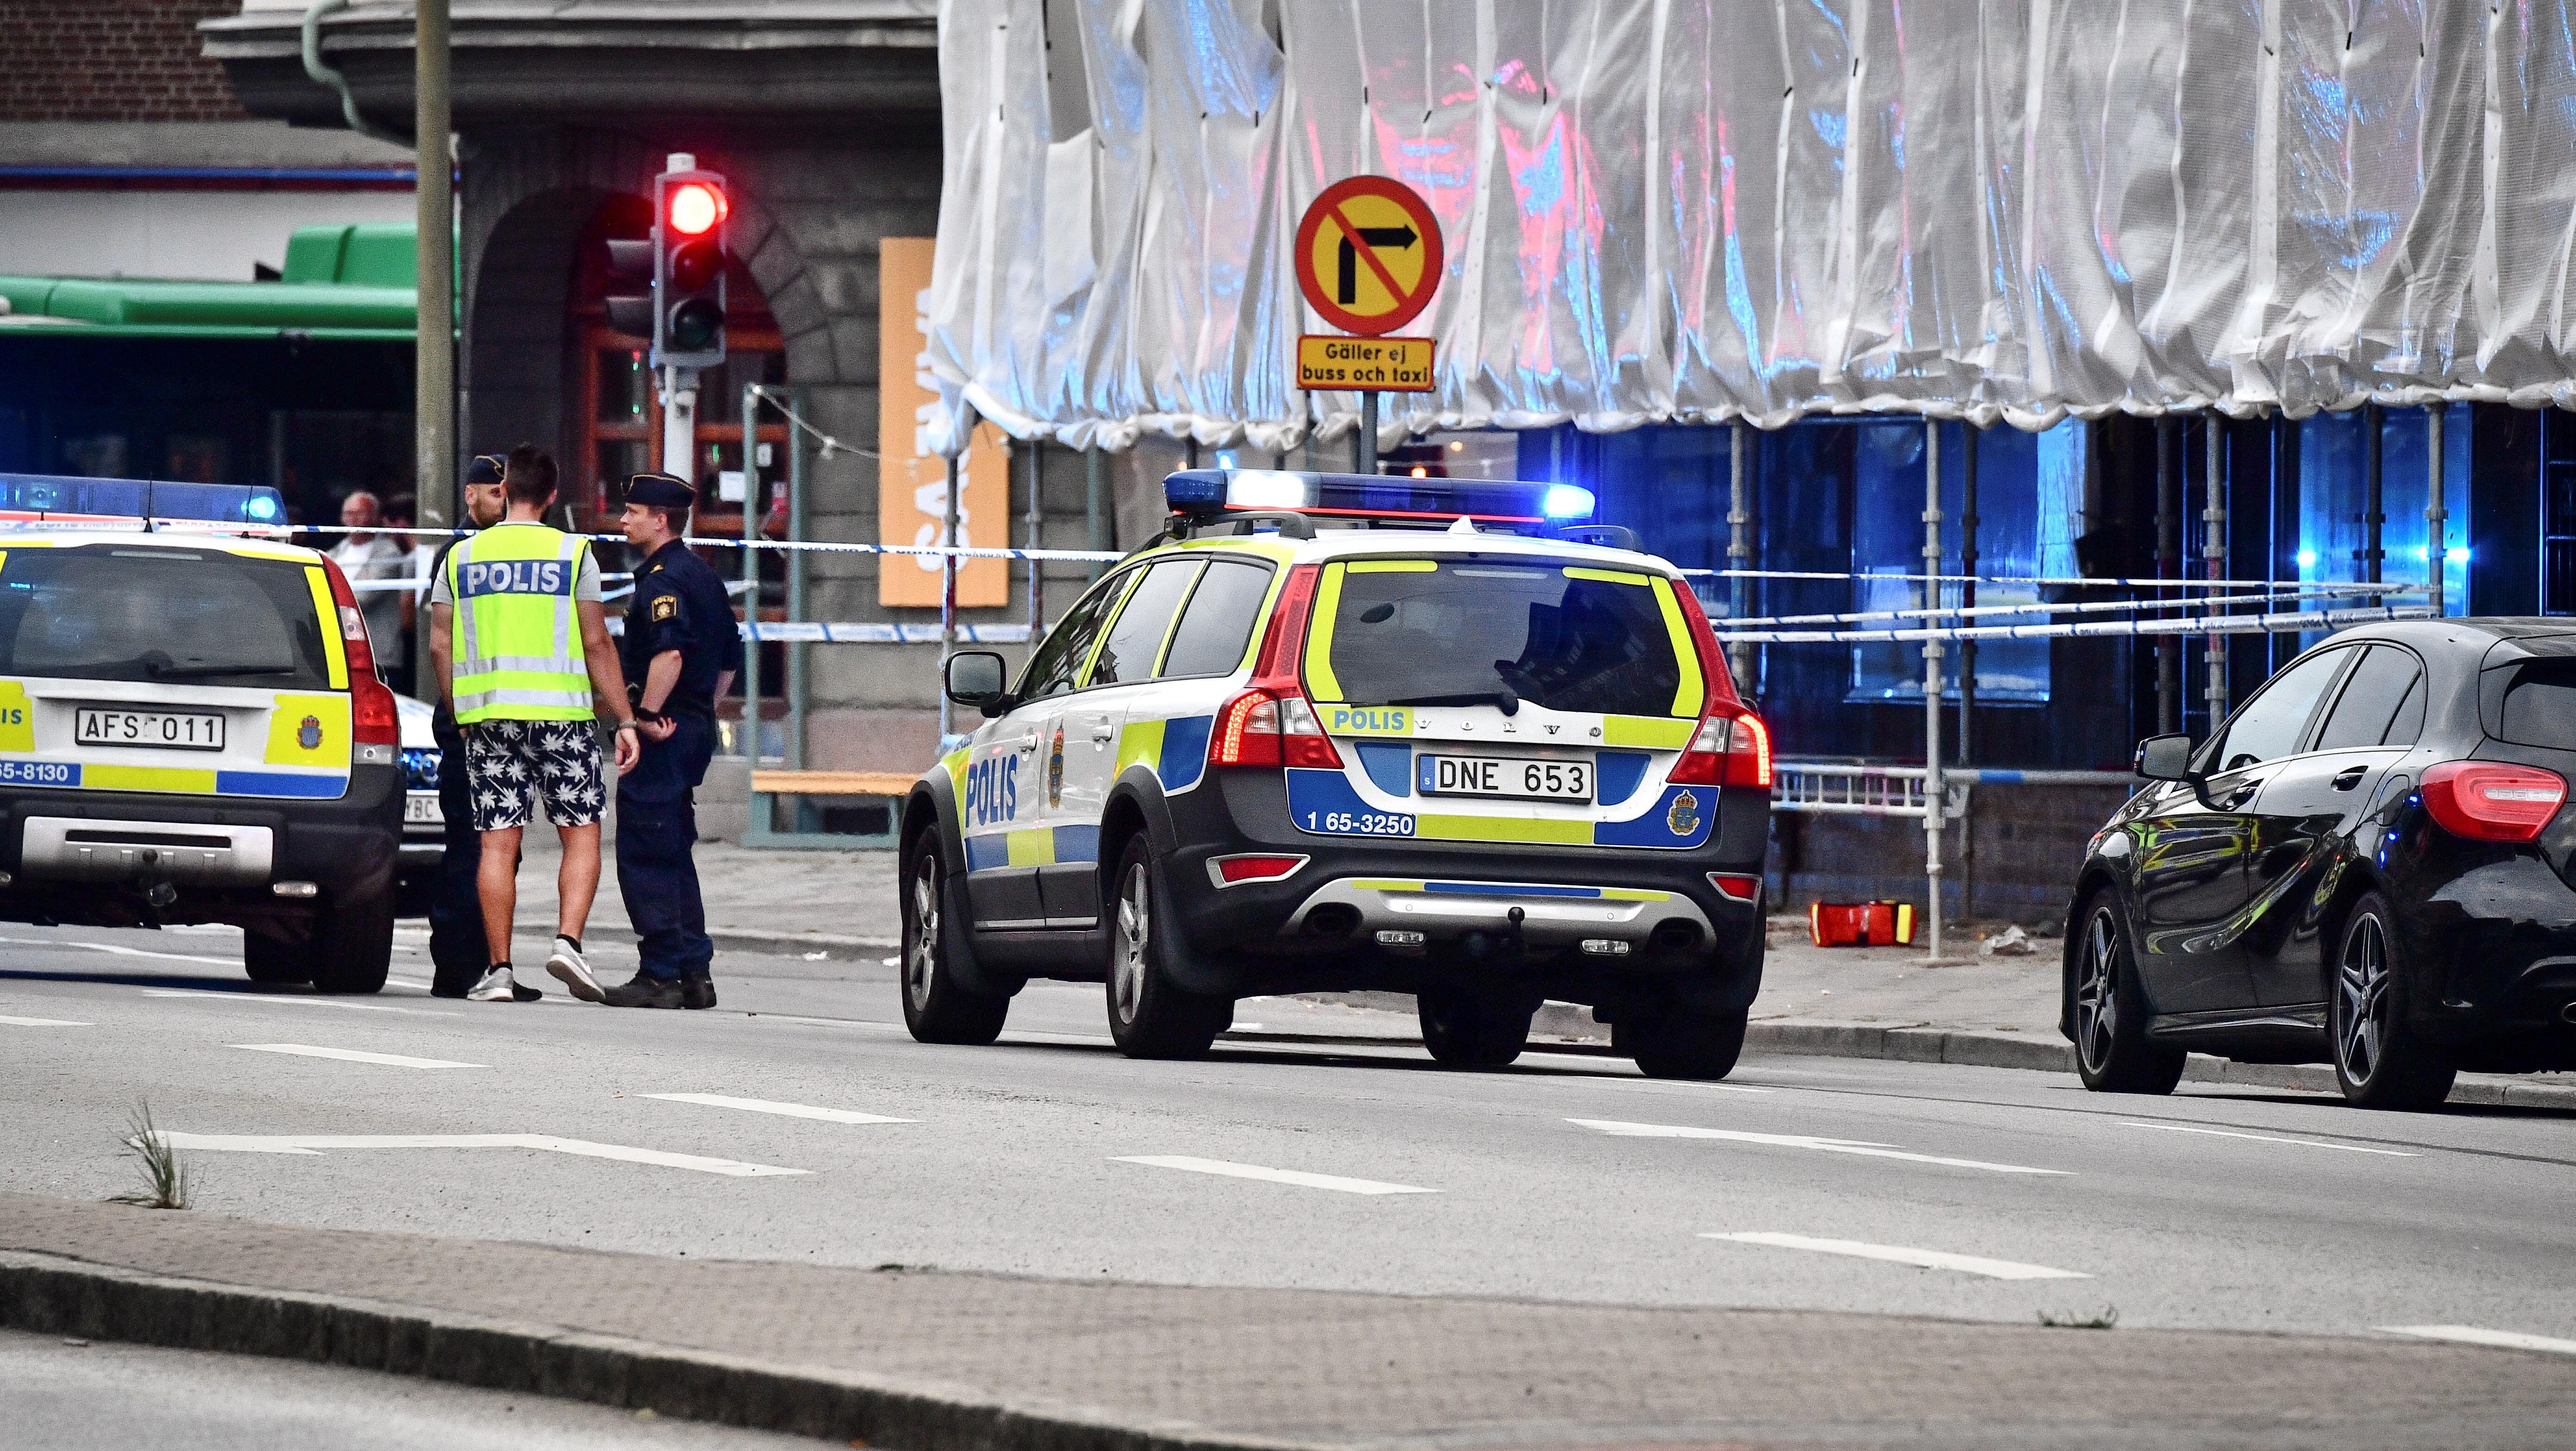 Svezia, spari nel centro di Malmo